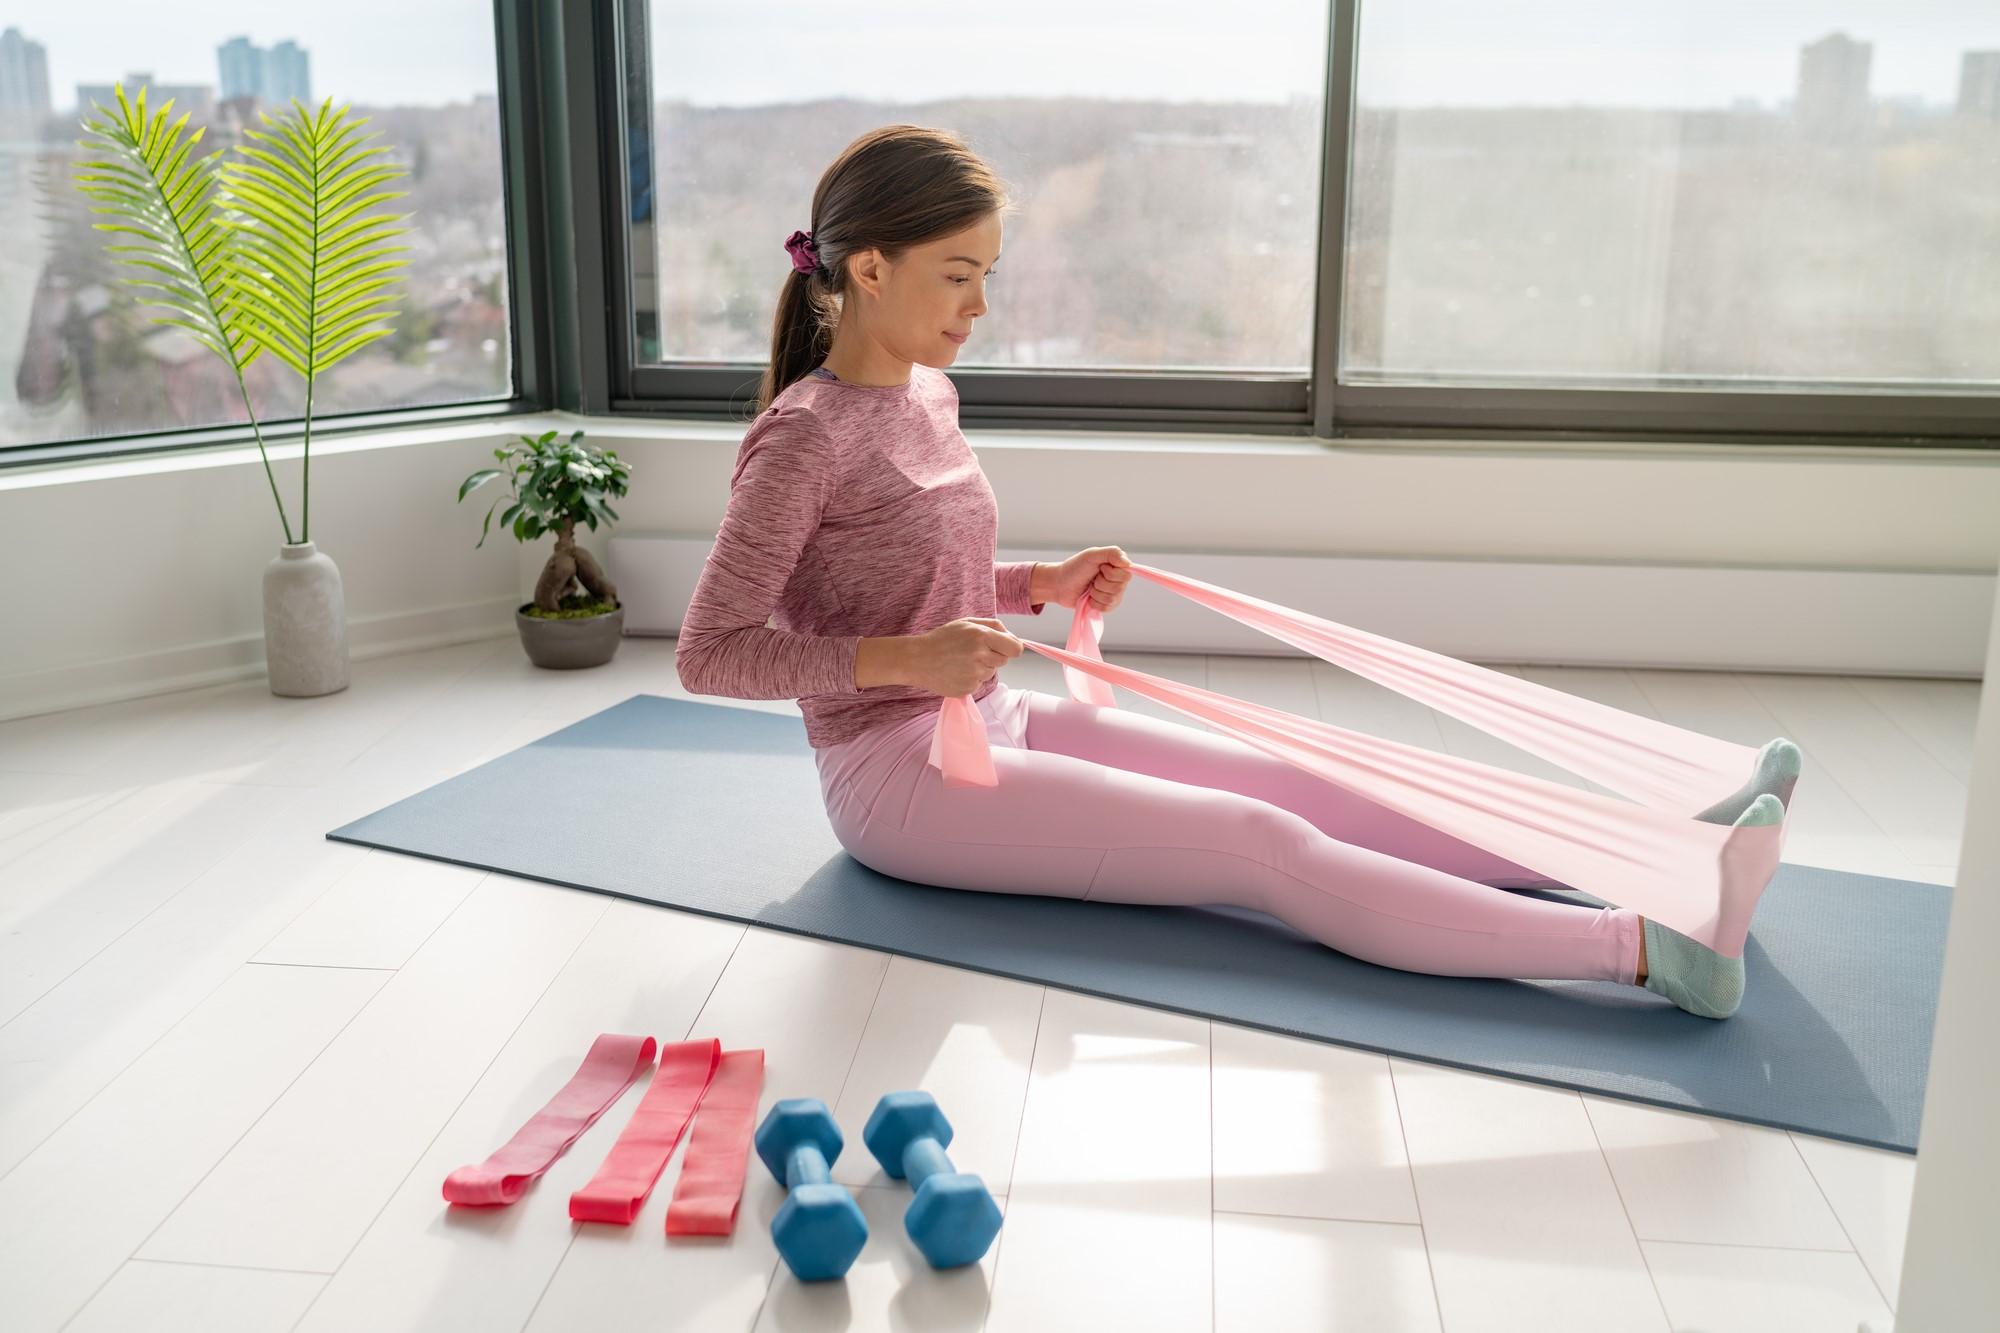 Tonificar l'esquena amb exercicis fitness